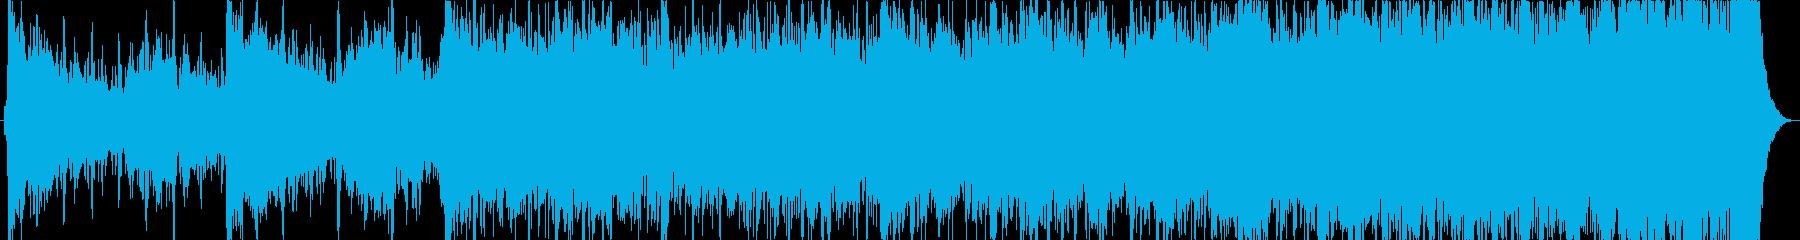 映画的でインスピレーションあふれる音楽の再生済みの波形